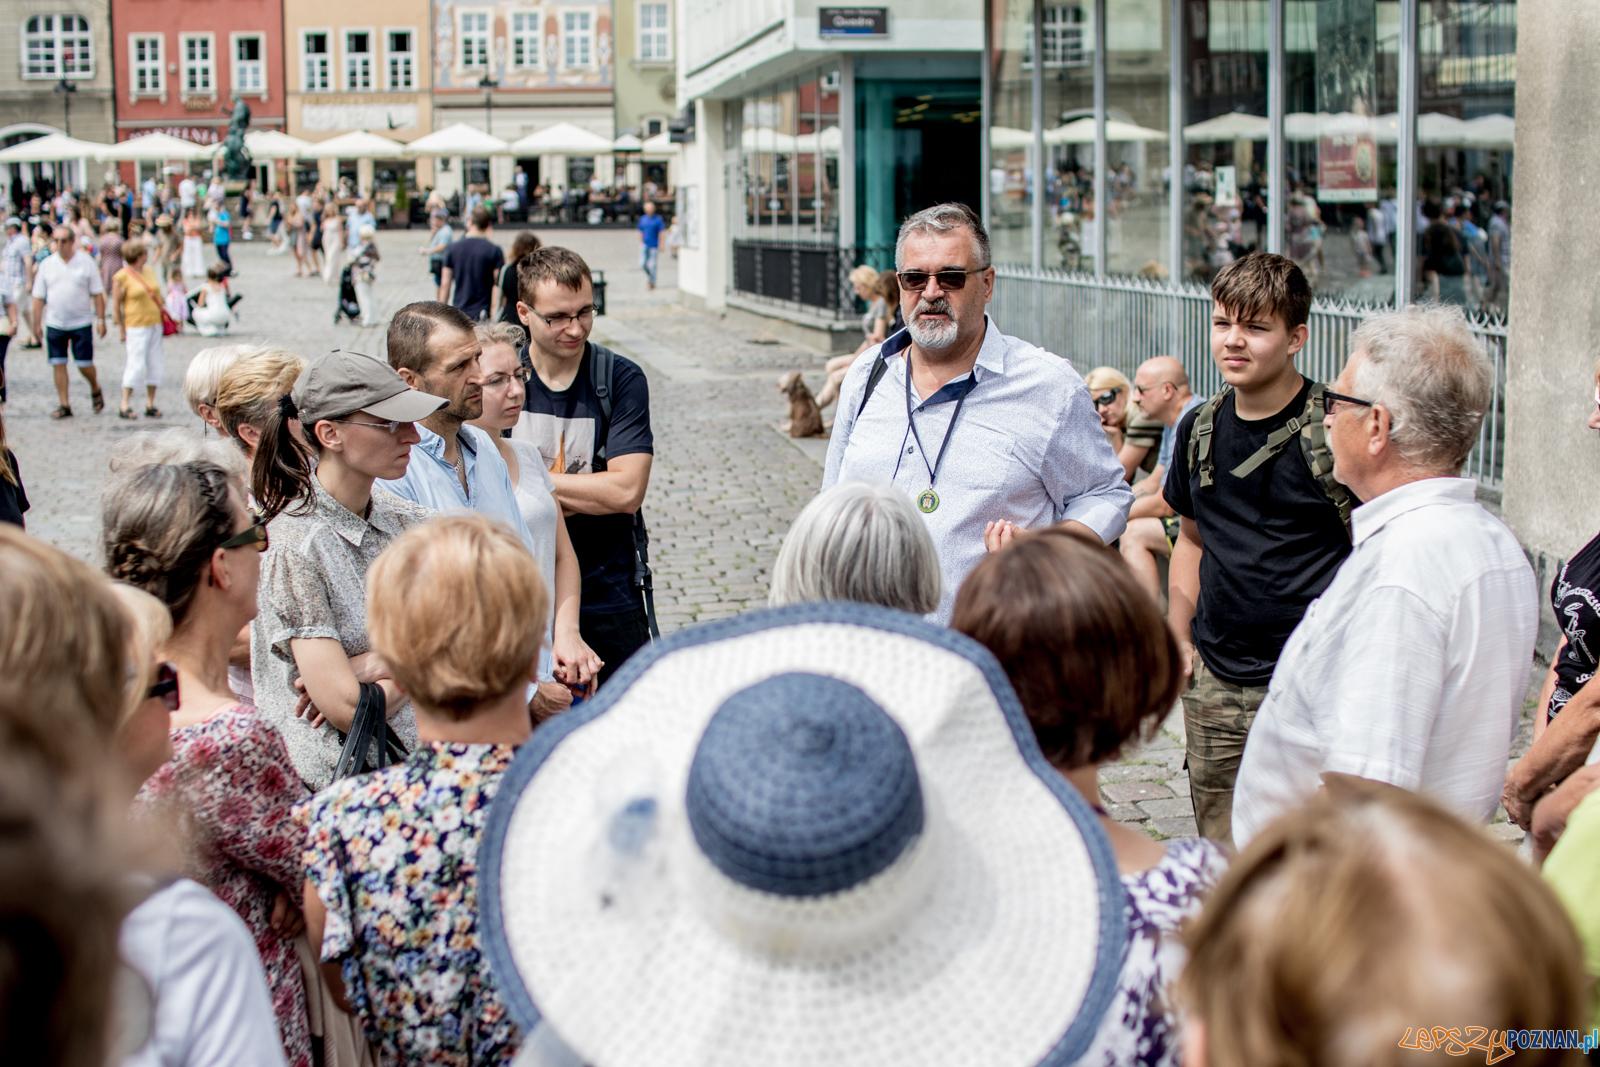 SPacer z przewodnikiem - Kulturalny Stary Rynek  Foto: Ewelina Jaskowiak